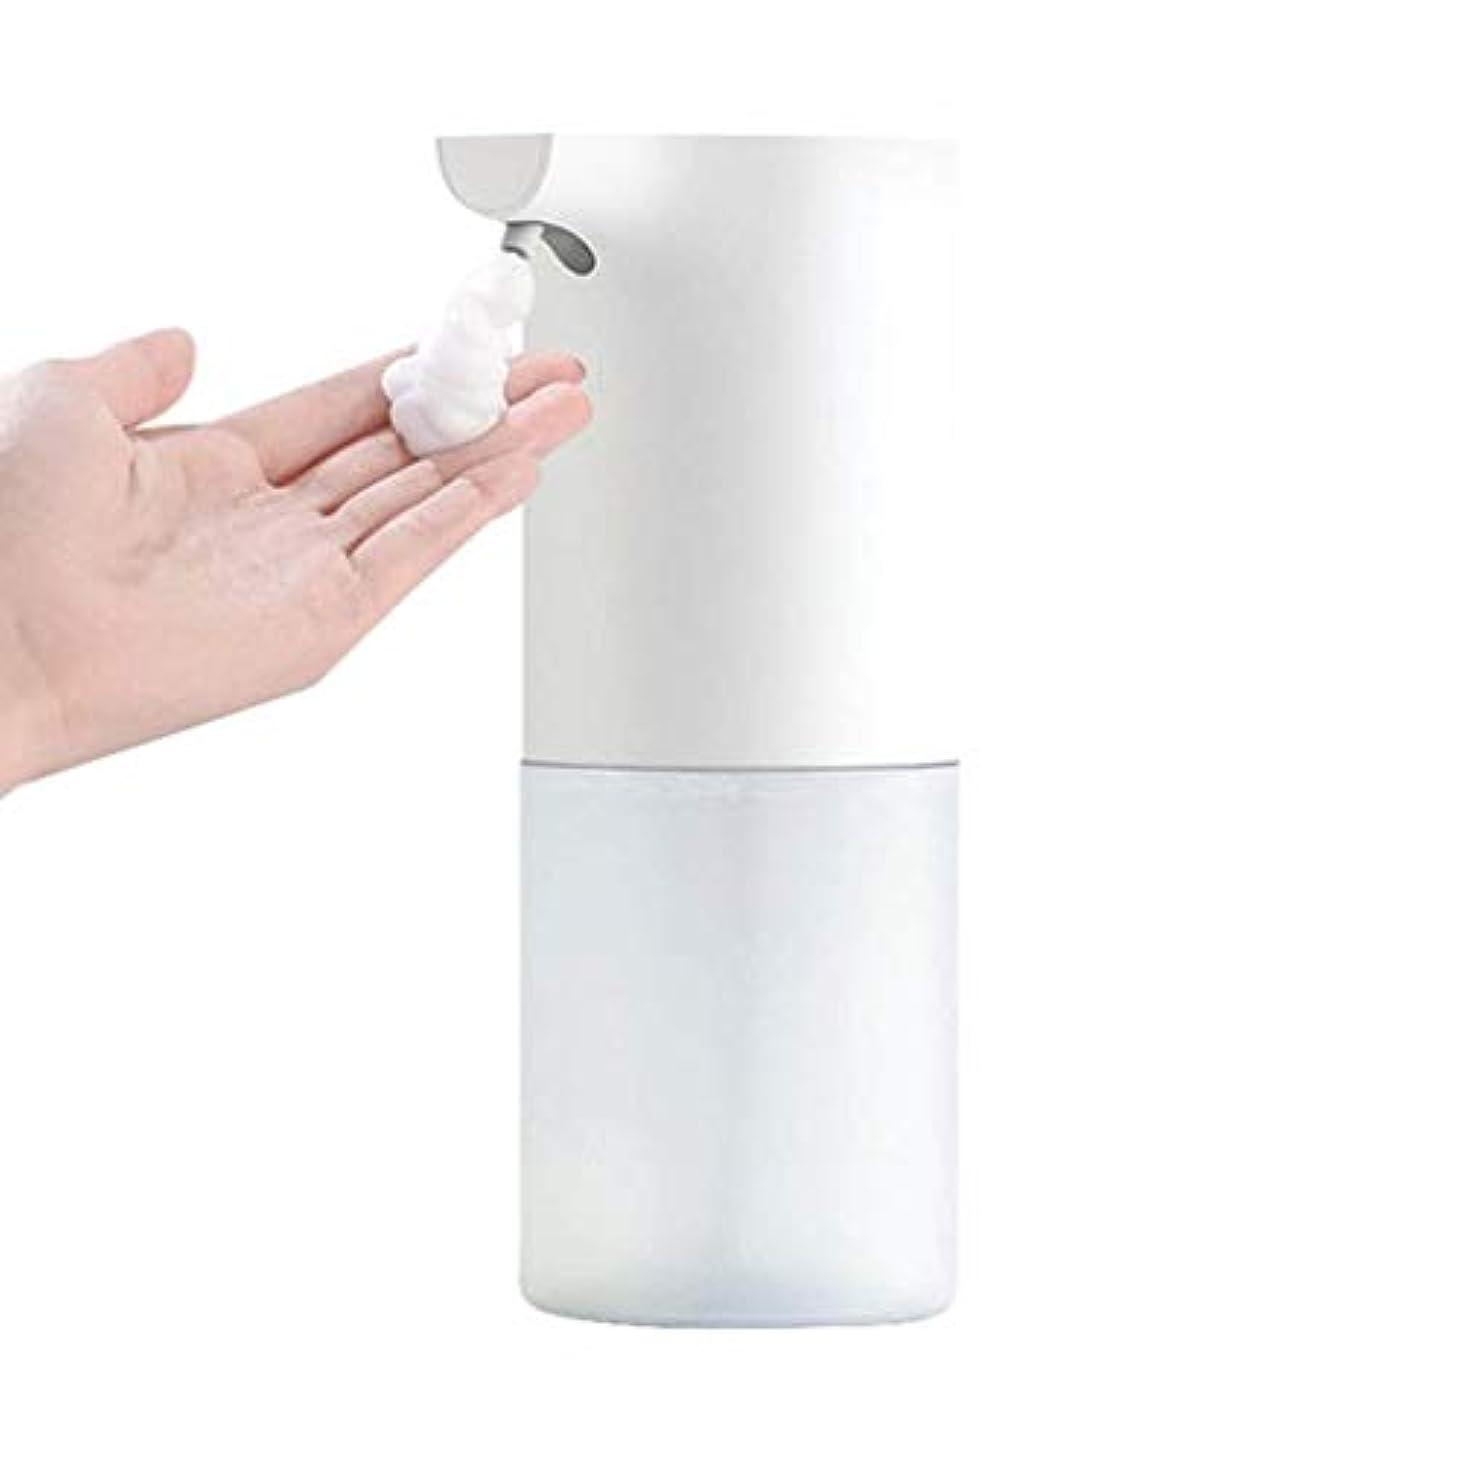 内向きエキスパート記述する誘導接触無料ハンドソープボトル手洗い自動洗濯携帯電話浴室キッチンプラスチック材料ローション(色:白、サイズ:7.3 * 7.3 * 19 cm) (Color : White, Size : 7.3*7.3*19cm)